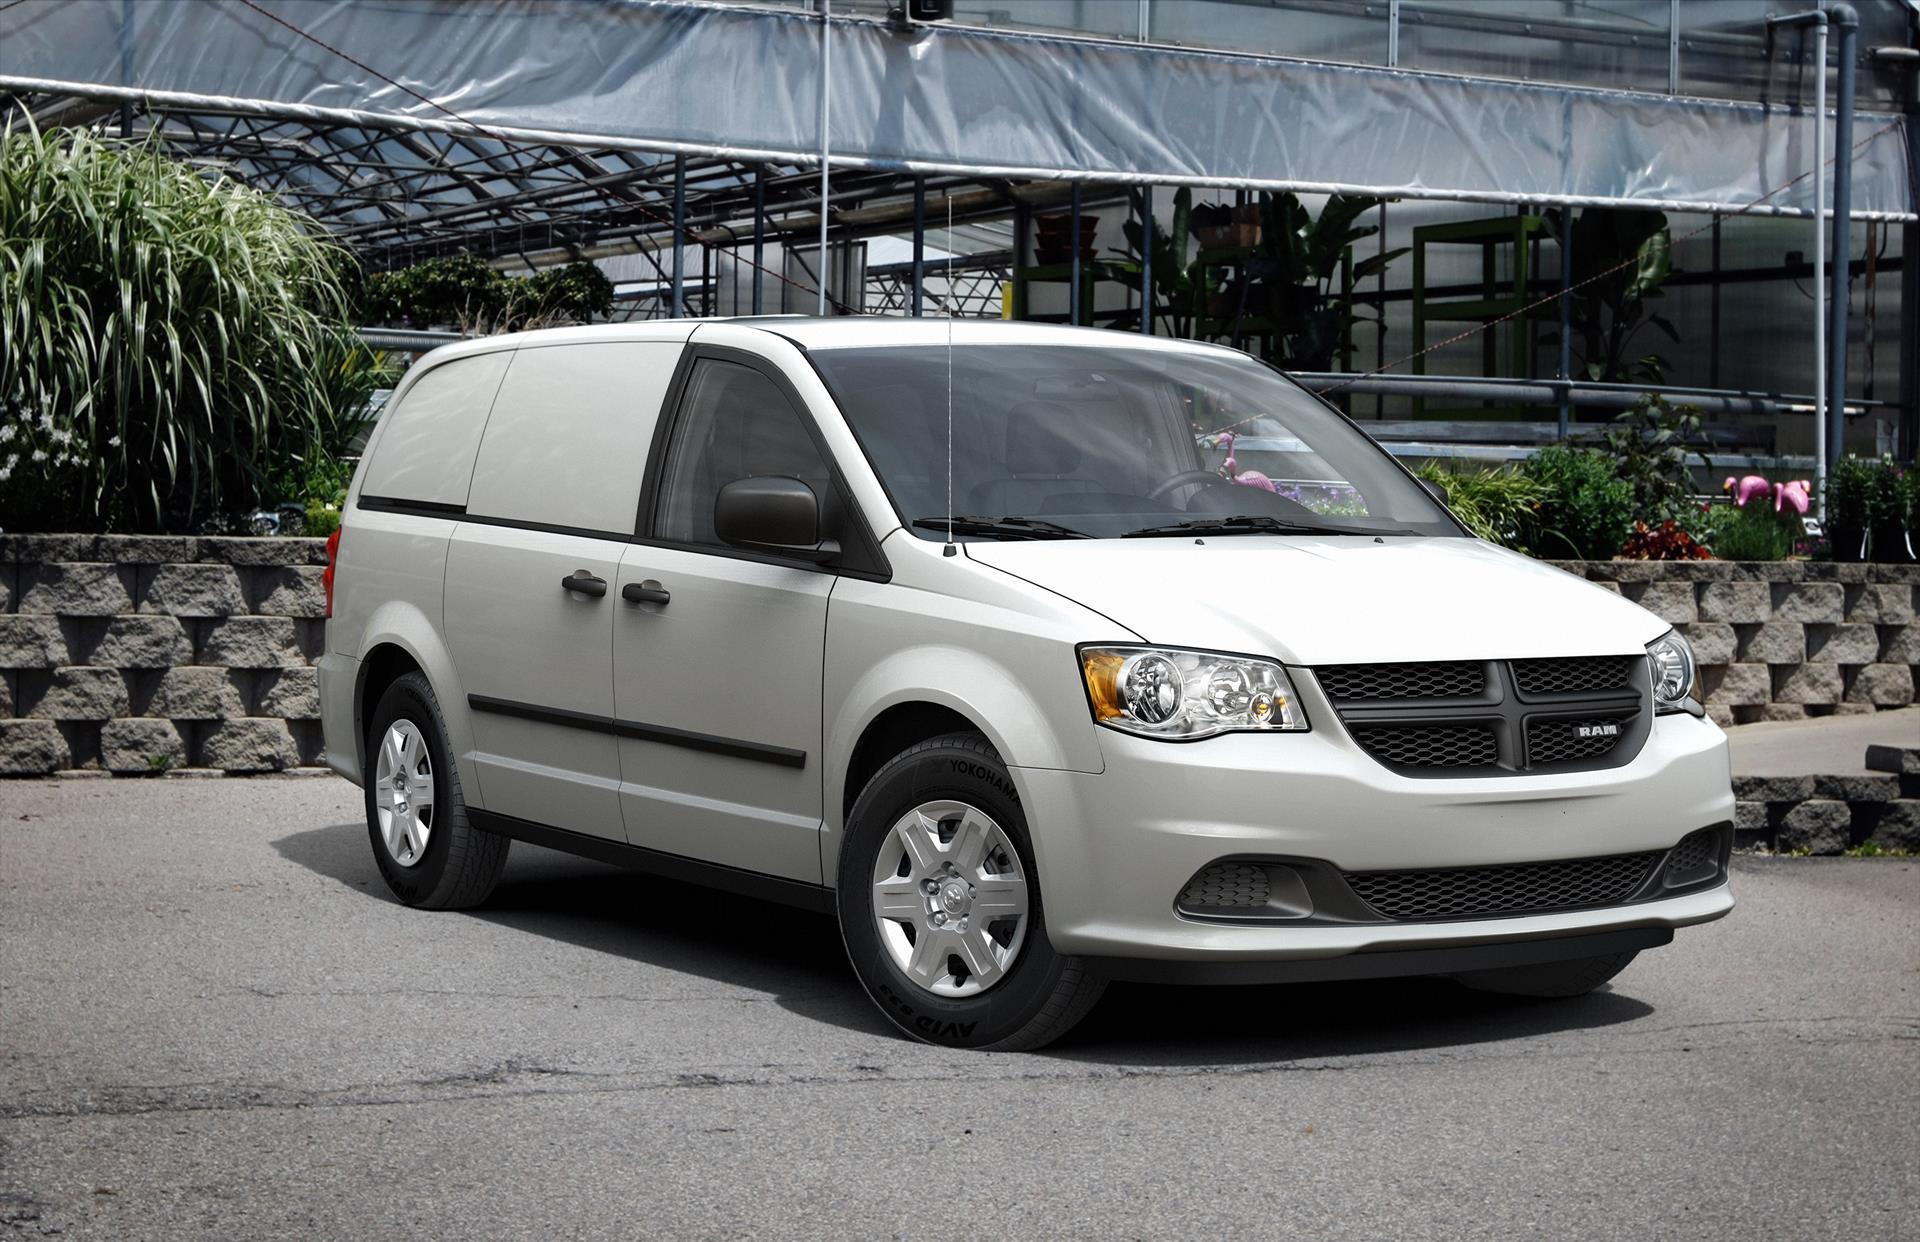 2015 Ram Cargo Van Images | conceptcarz.com